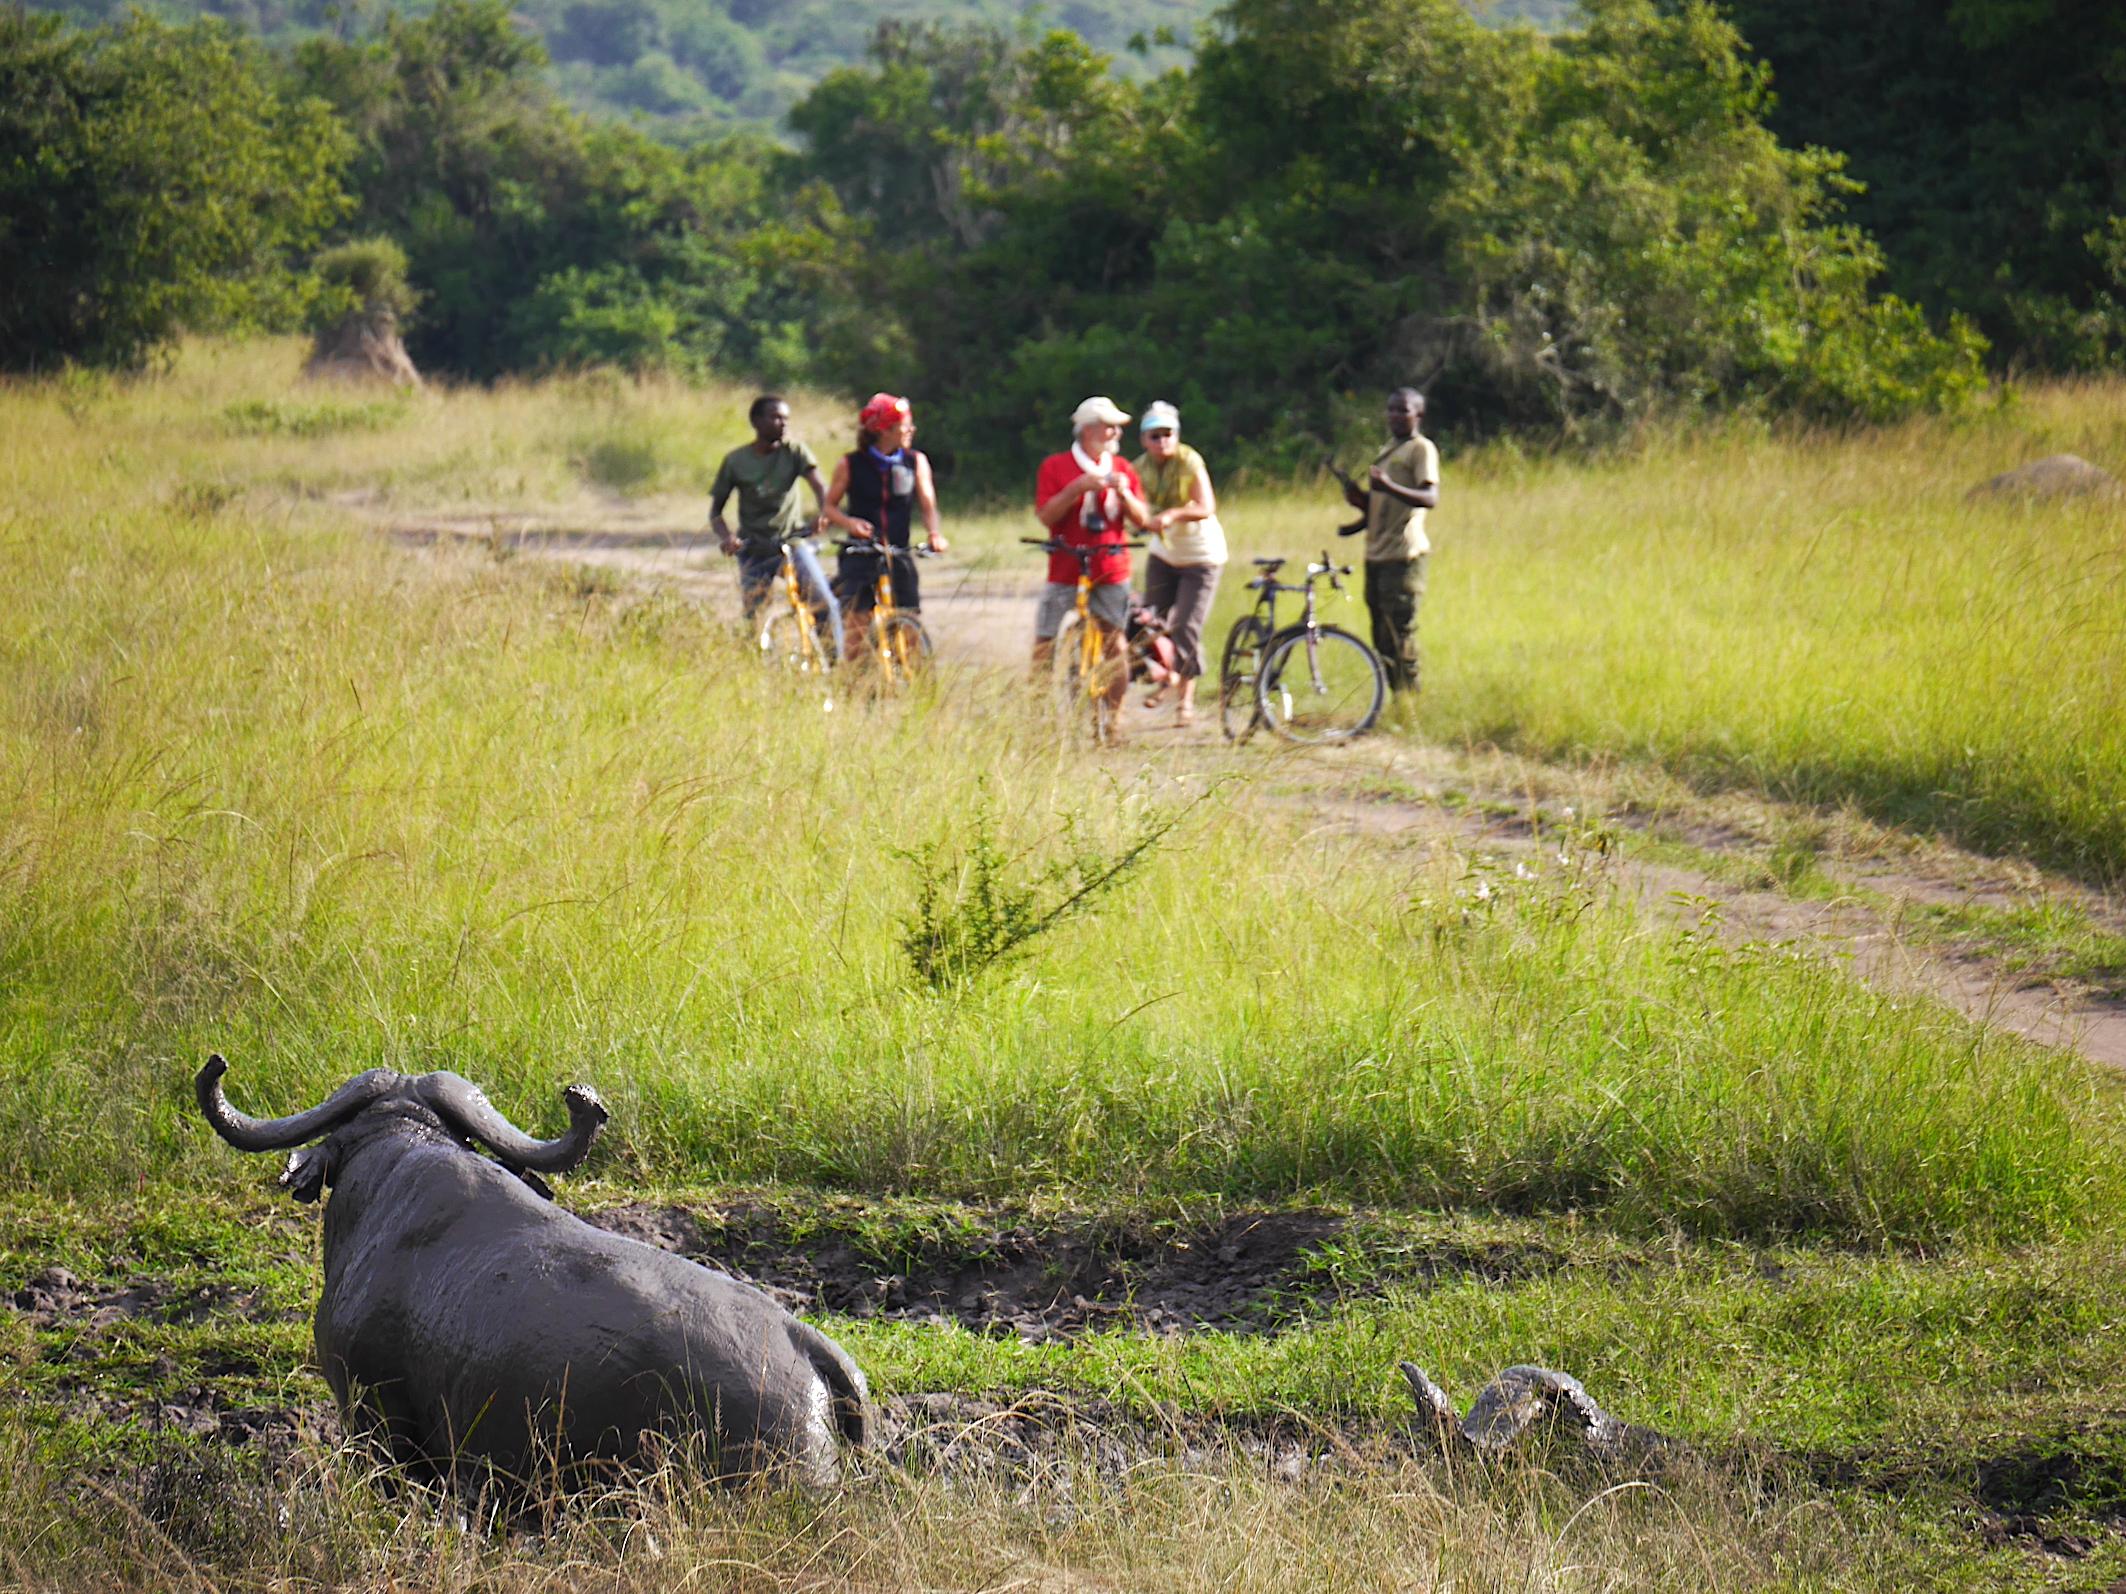 Unsere Multi Aktiv Safari im Lake Mburo Nationalpark ist eine spannende Pirschfahrt nach Giraffen, Zebras und Antilopen